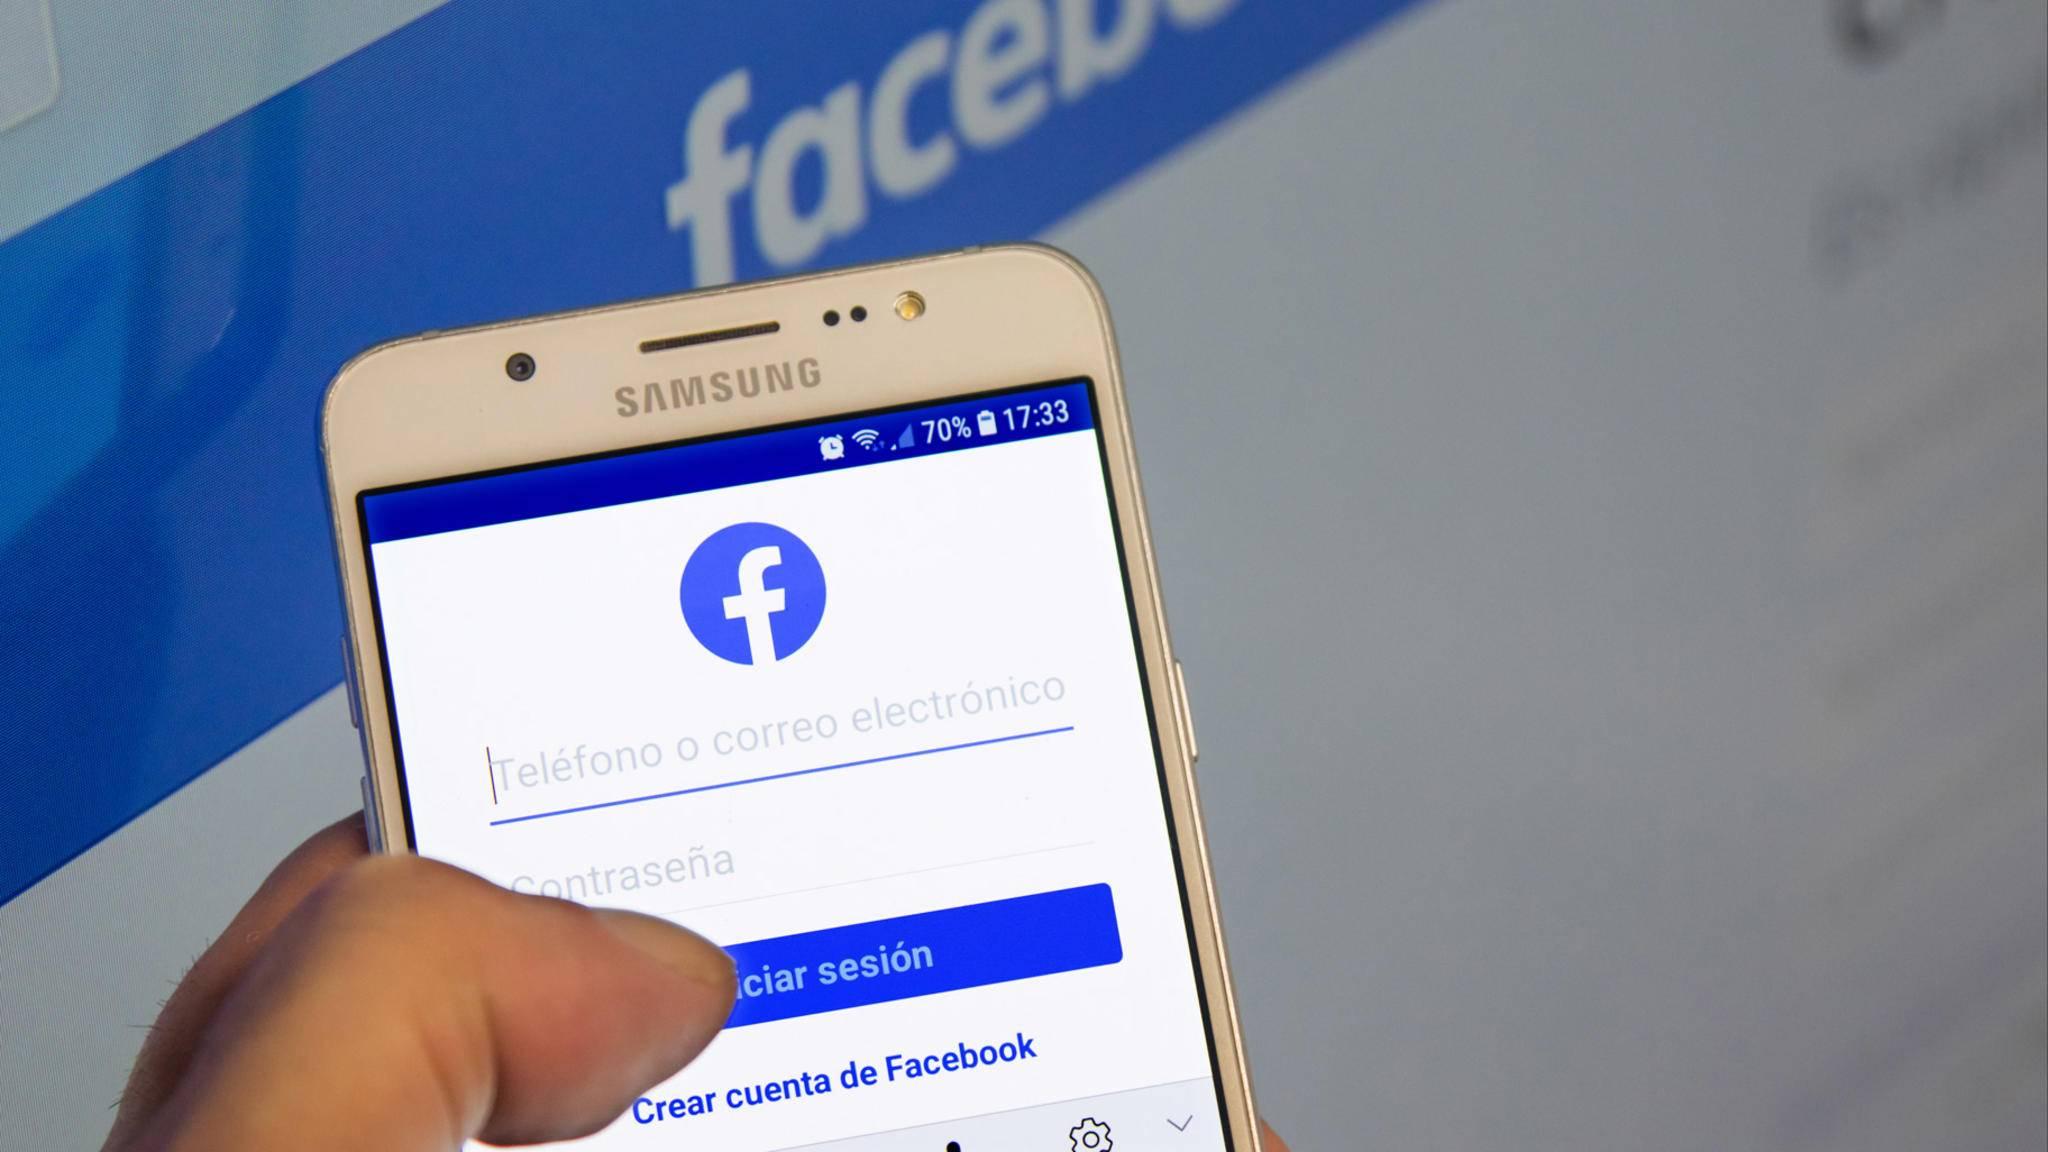 Facebook arbeitet offenbar an einer Smartwatch.